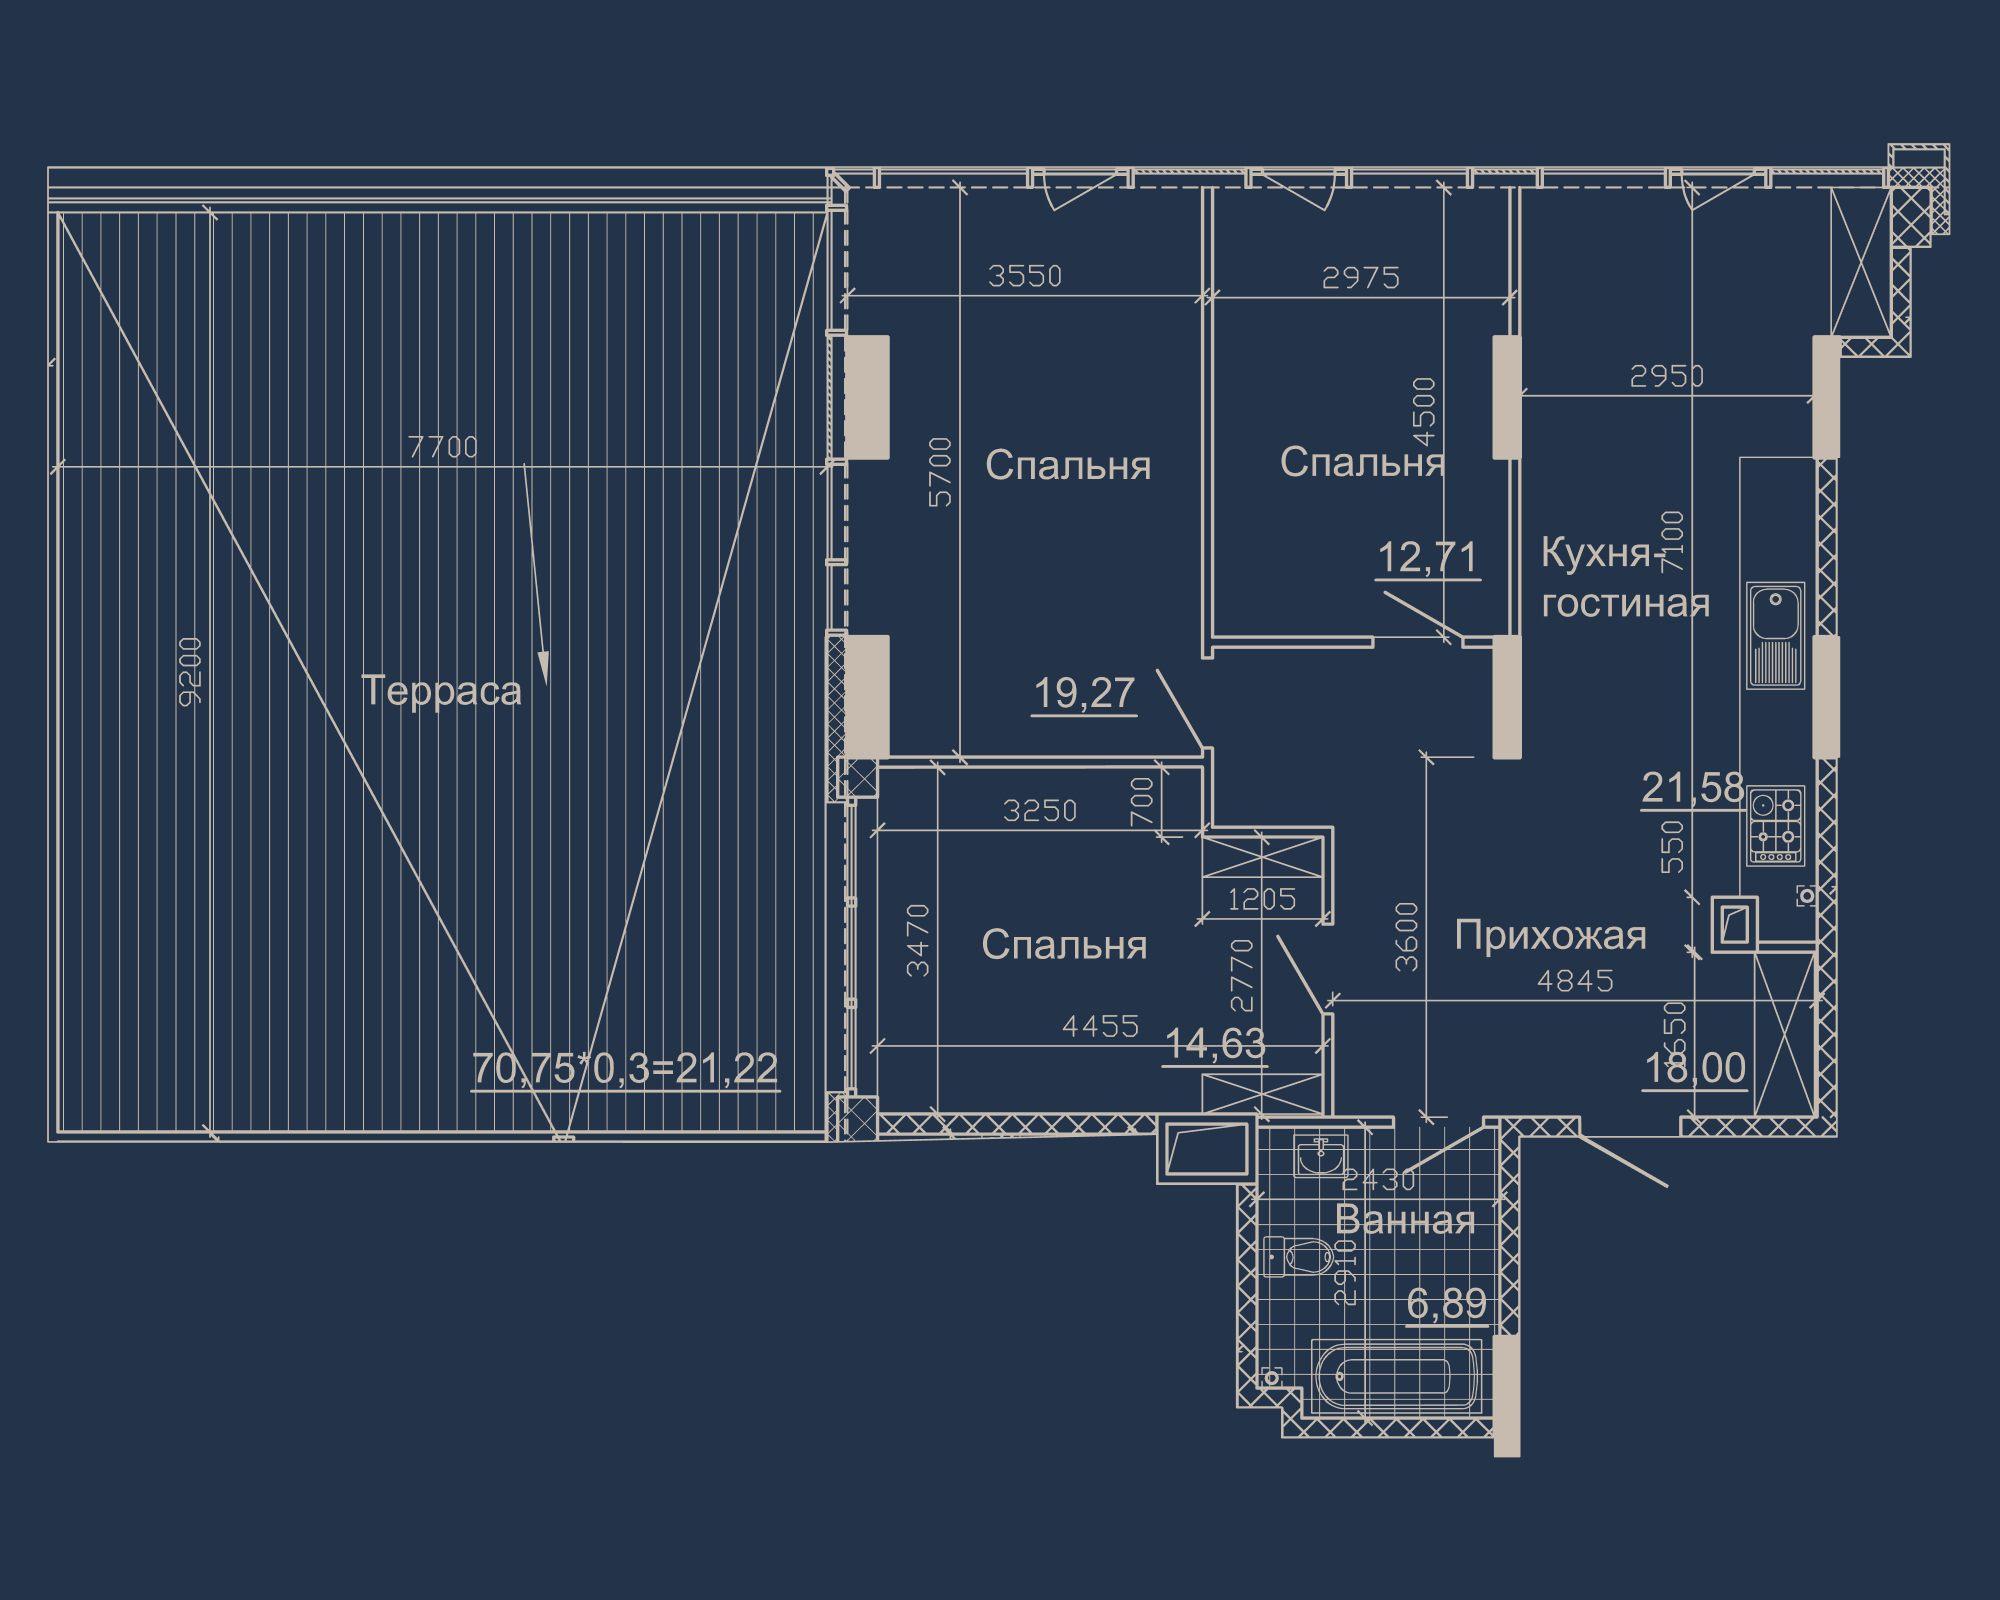 3-кімнатна квартира типу 06Б-1 у ЖК Nebo